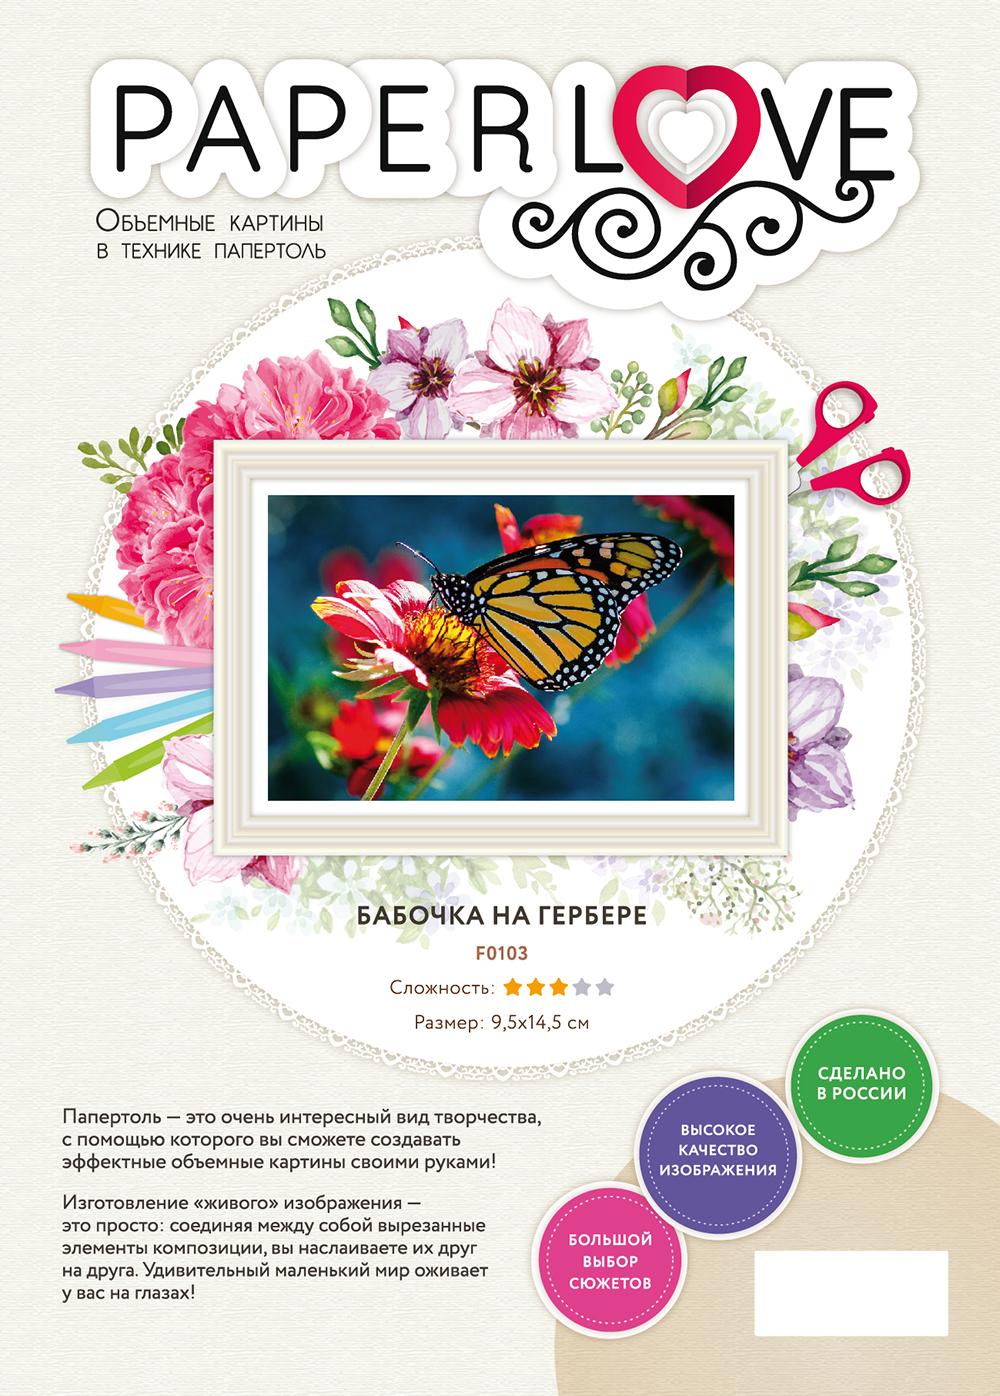 Папертоль Бабочка на гербере — фотография обложки.